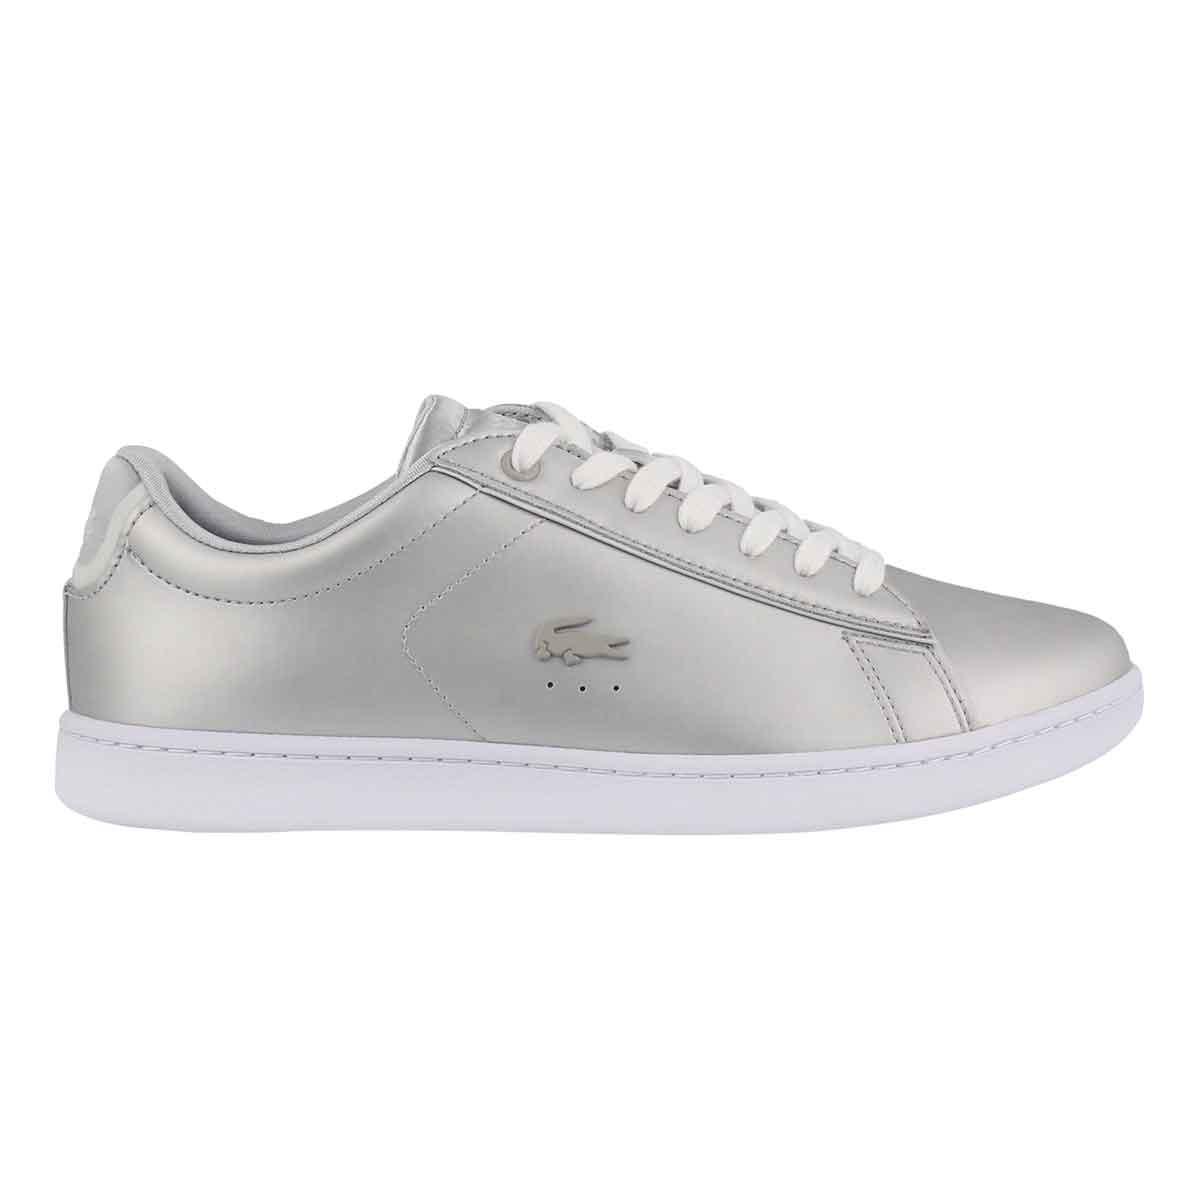 Lds Carnaby EVO 118 1 lt gry/wht sneaker